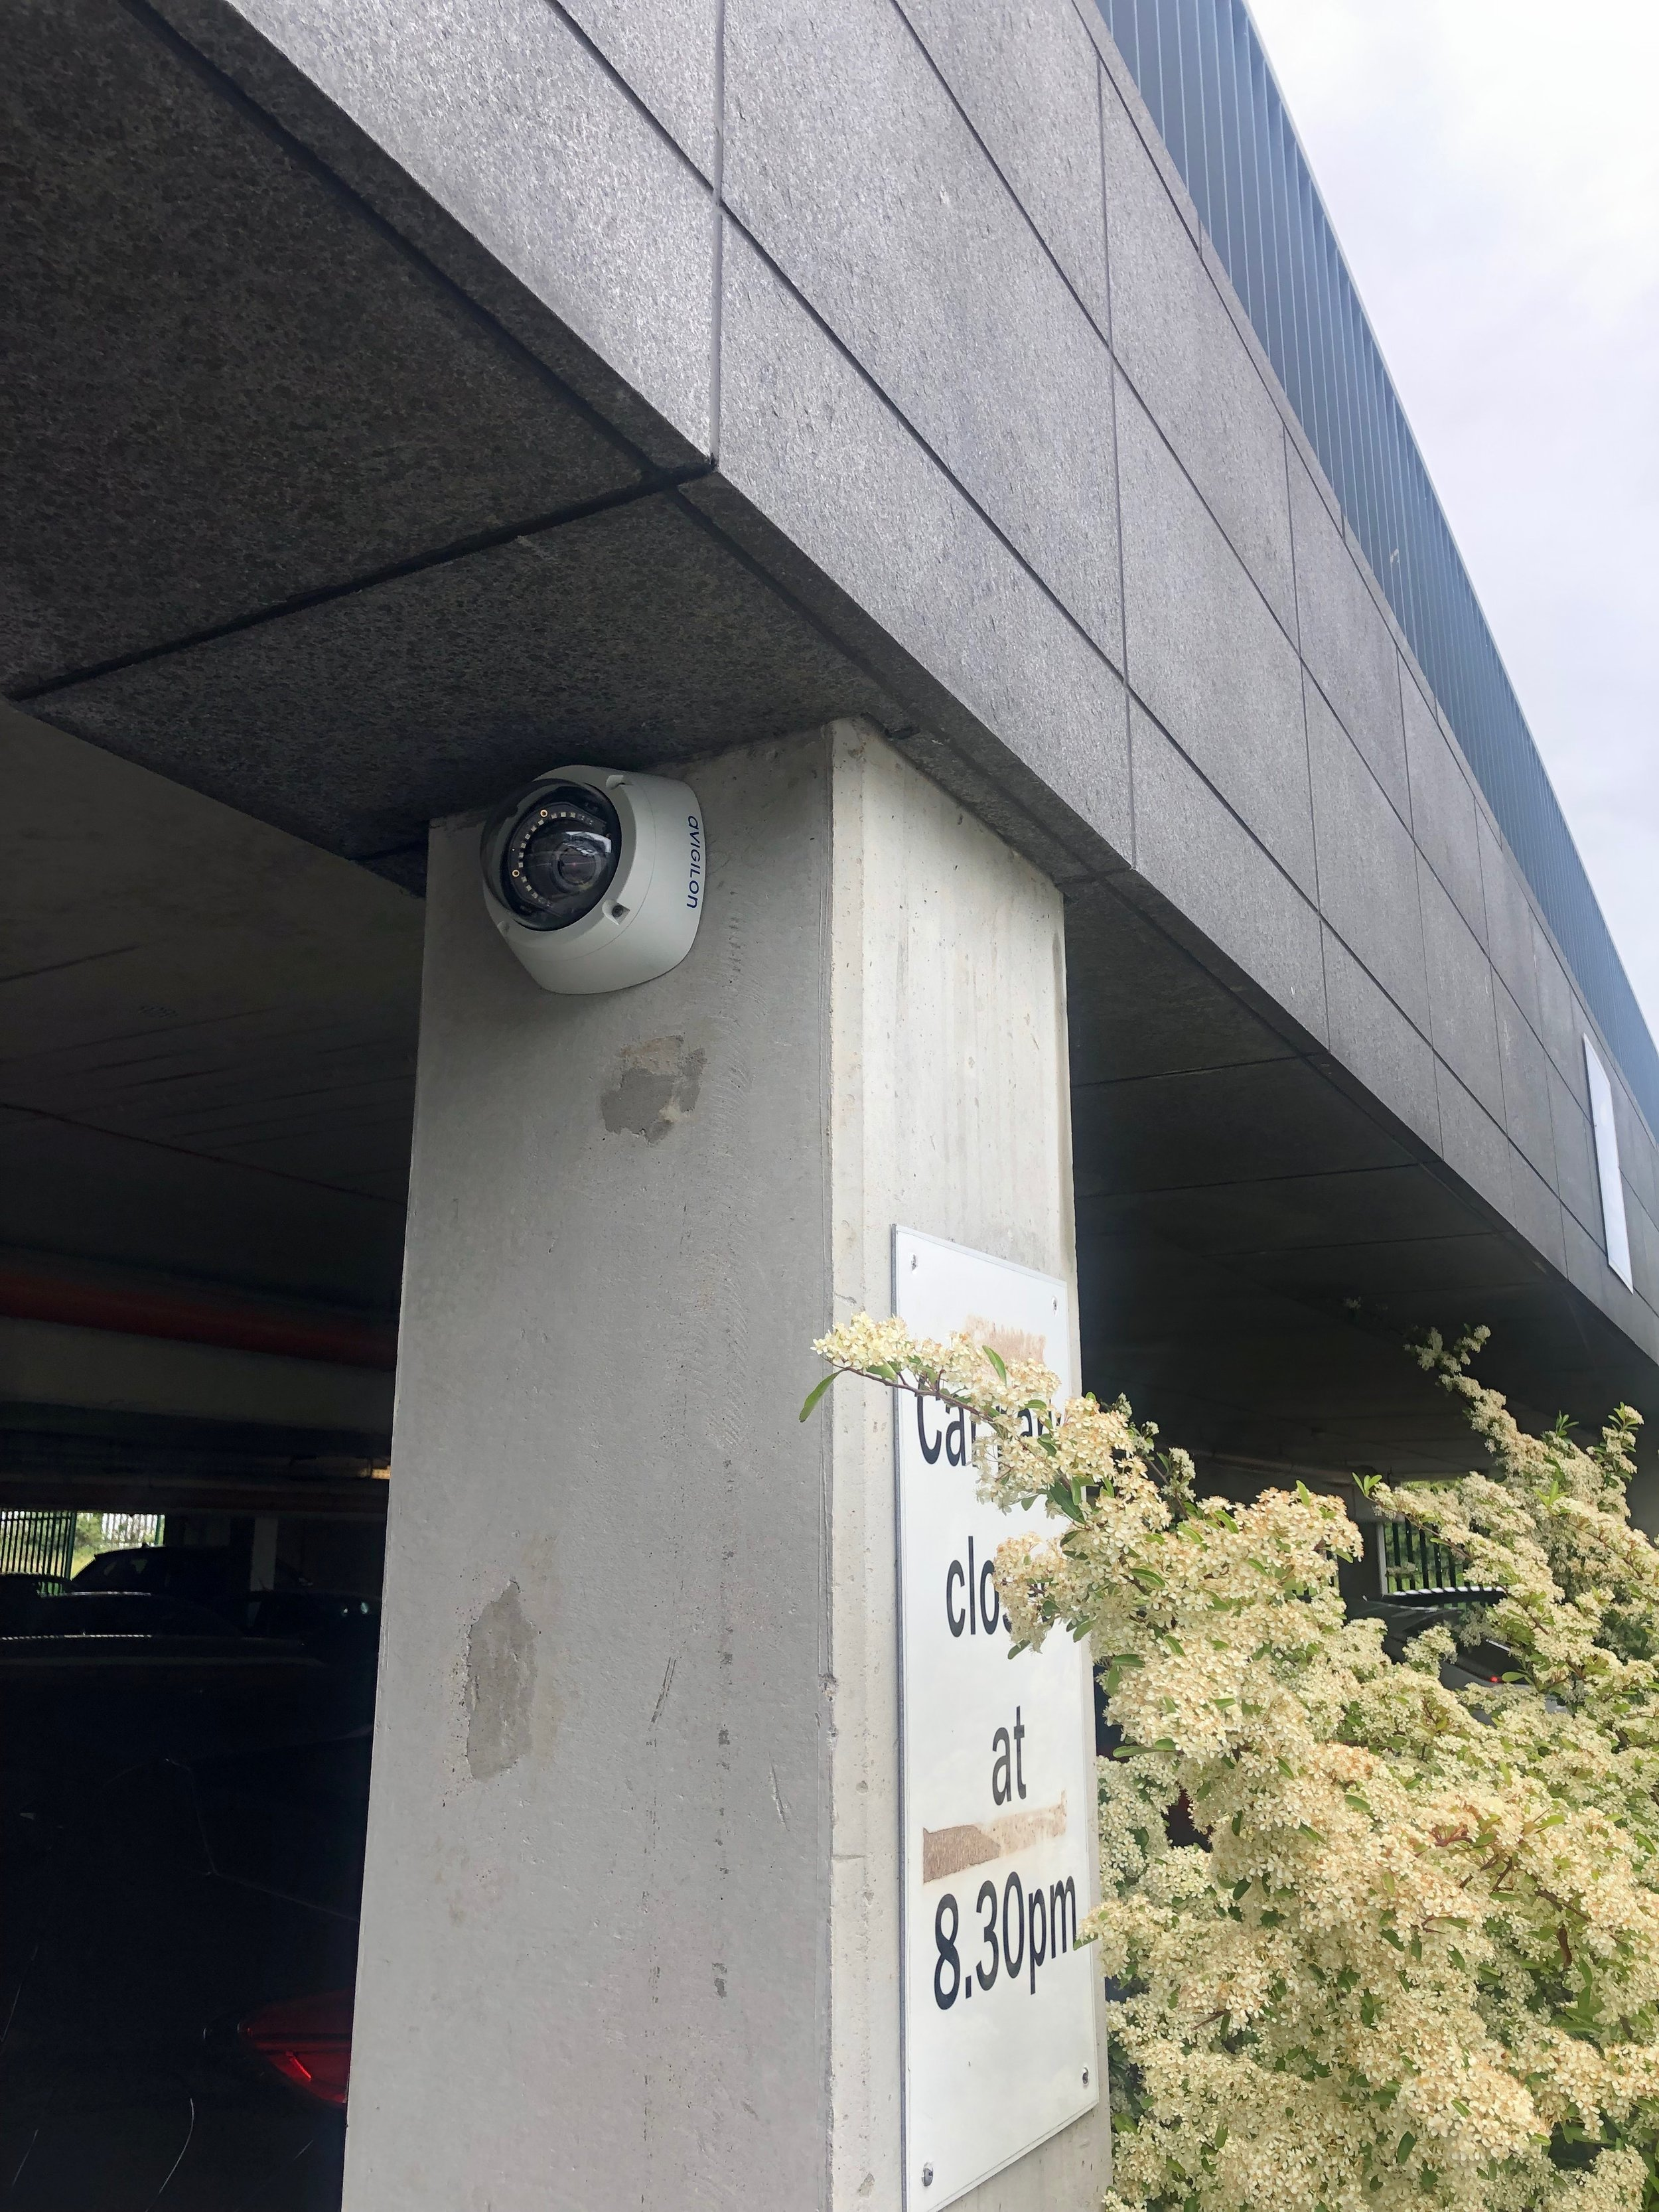 Vandal proof CCTV by Usee